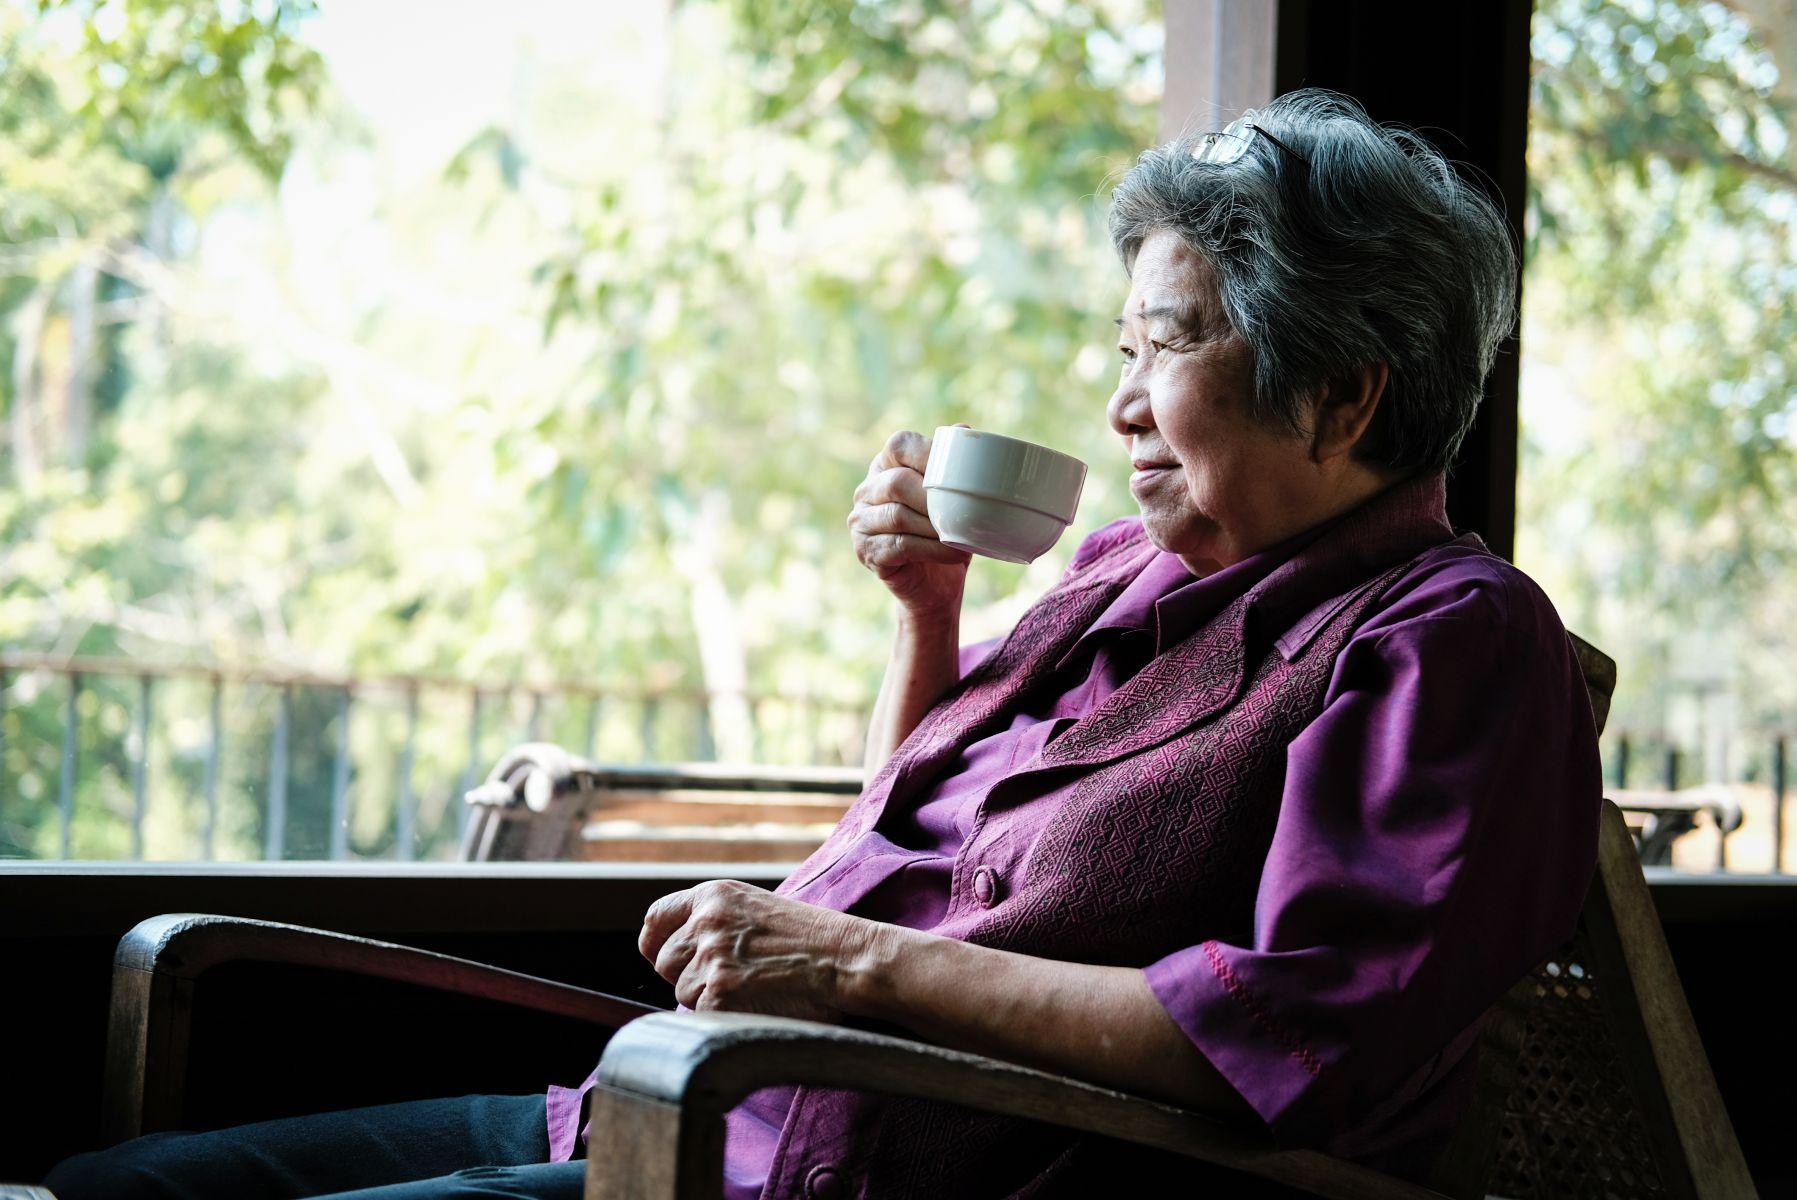 退休後,每月穩領5萬生活費!投資ETF 0050、0056和年金險...4招準備退休金,玩出全新第二人生